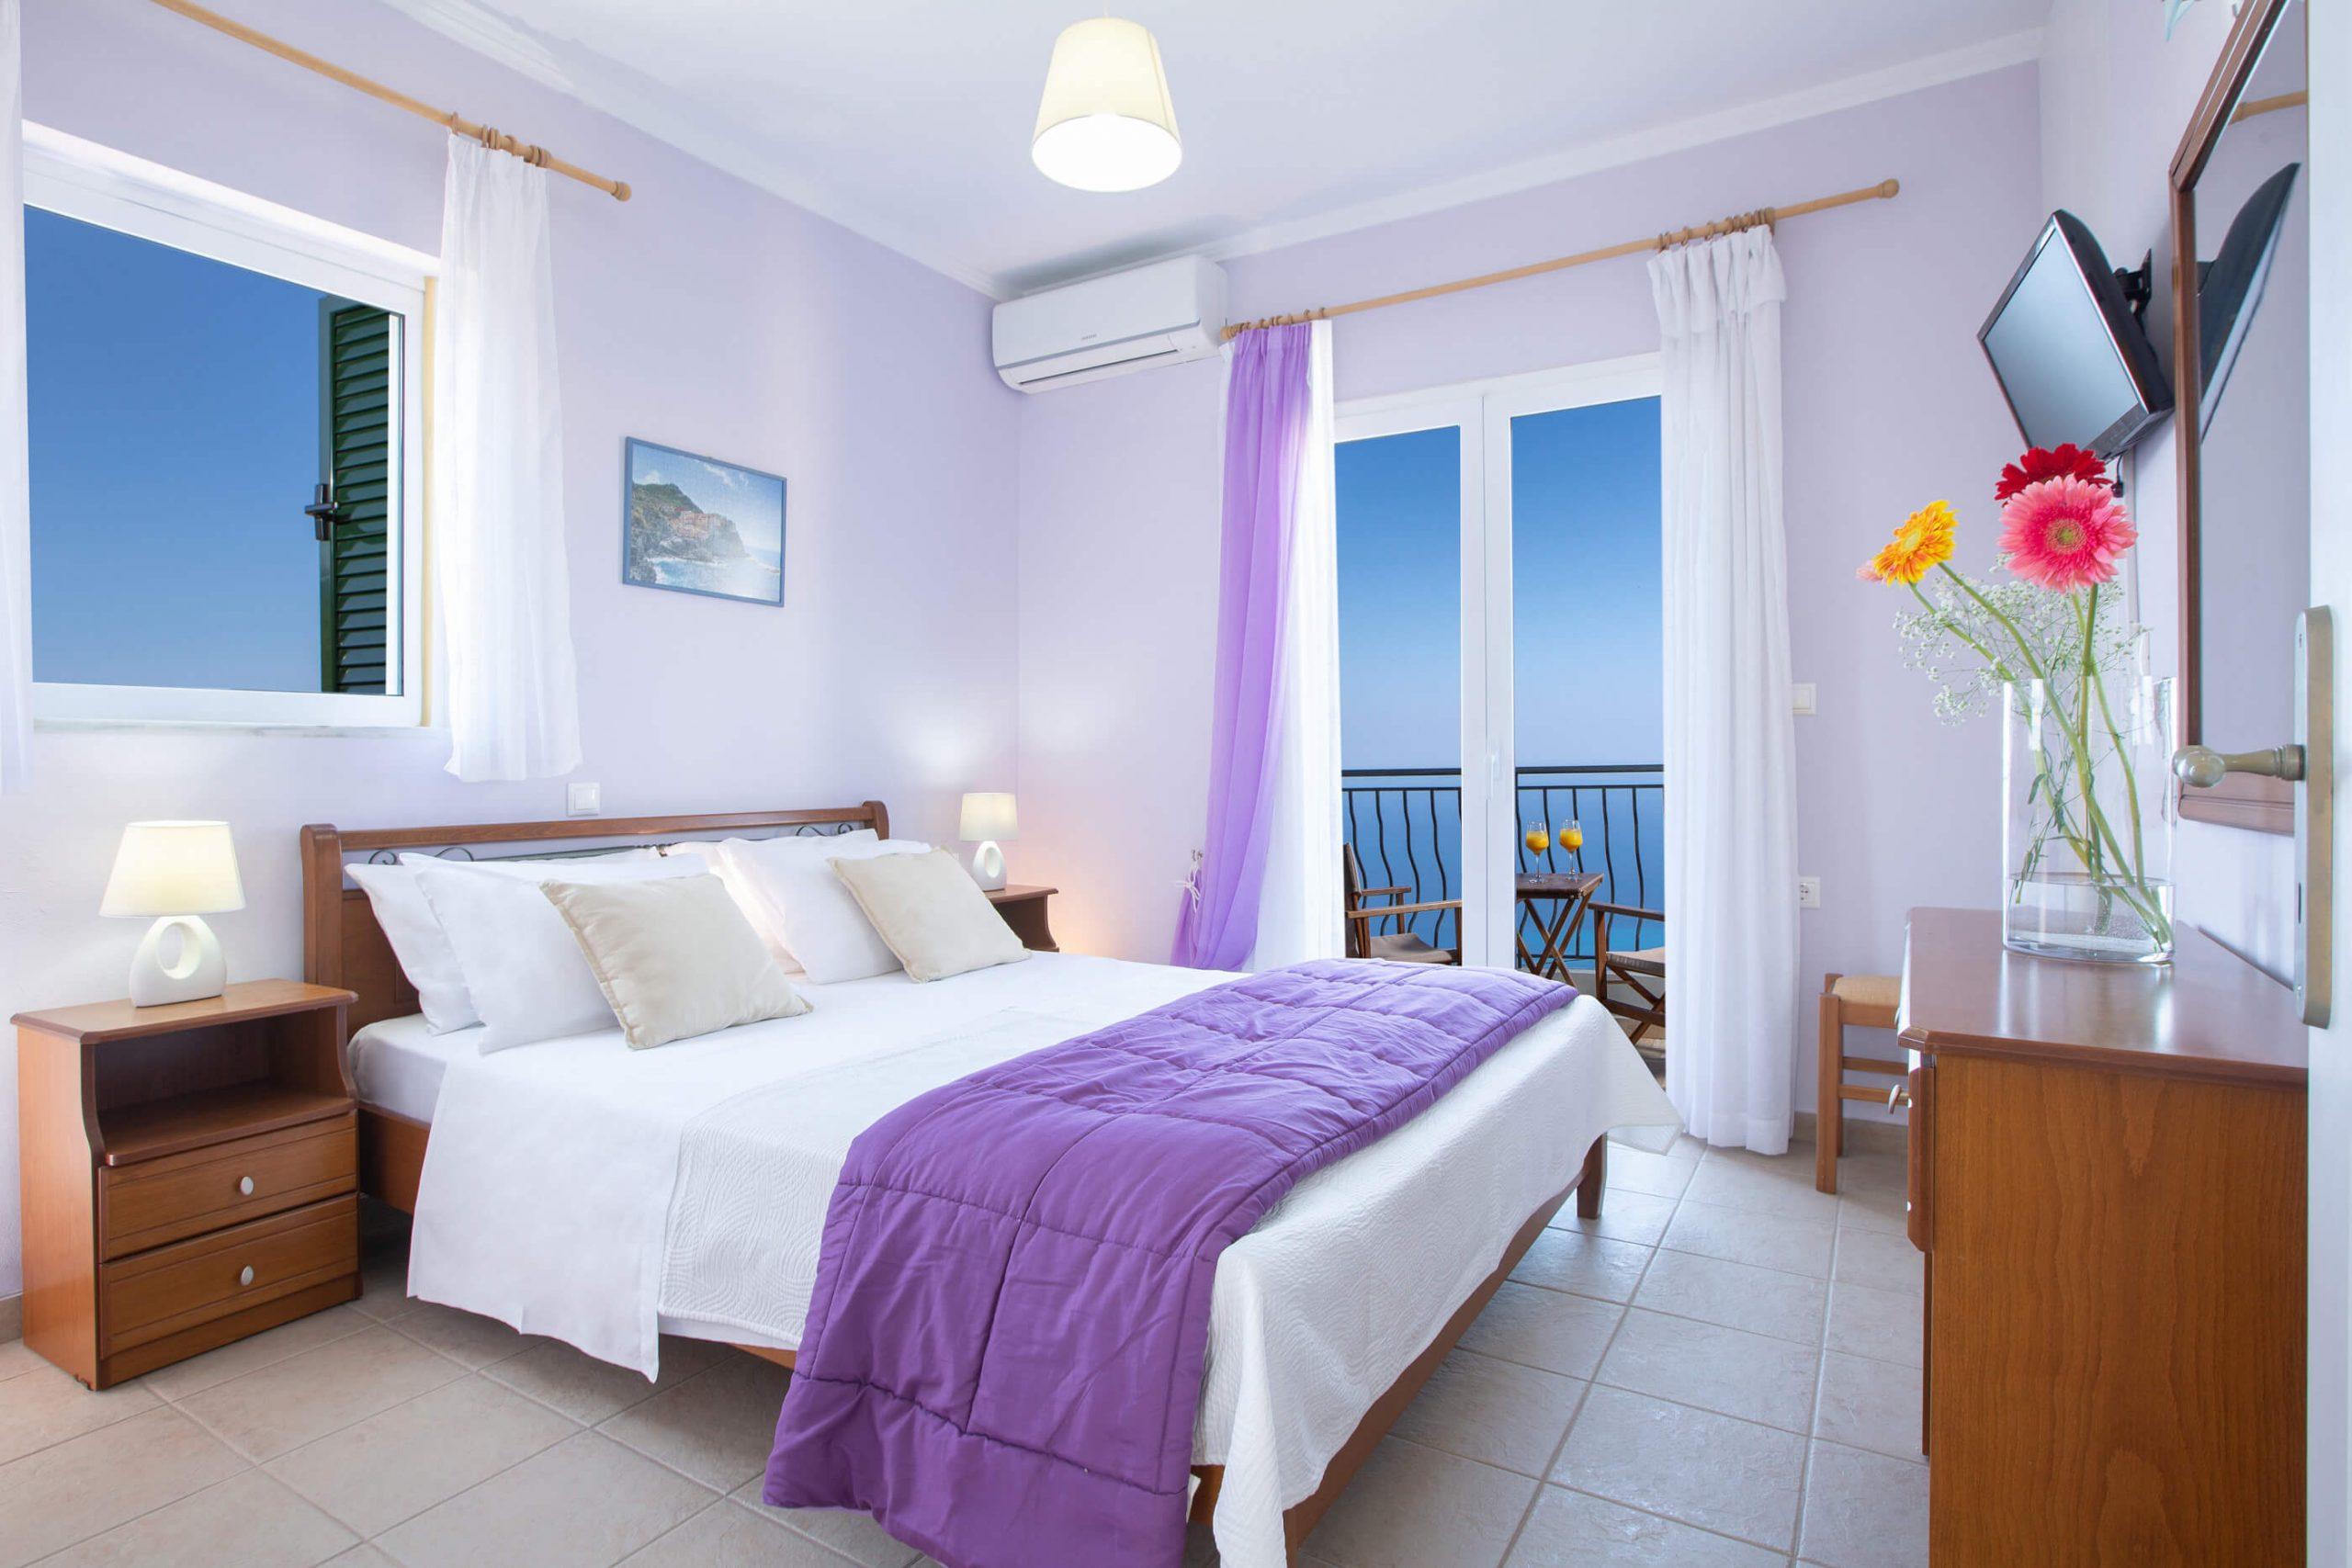 Κύριο υπνοδωμάτιο με διπλό κρεβάτι στη Natura Villas Λευκάδας